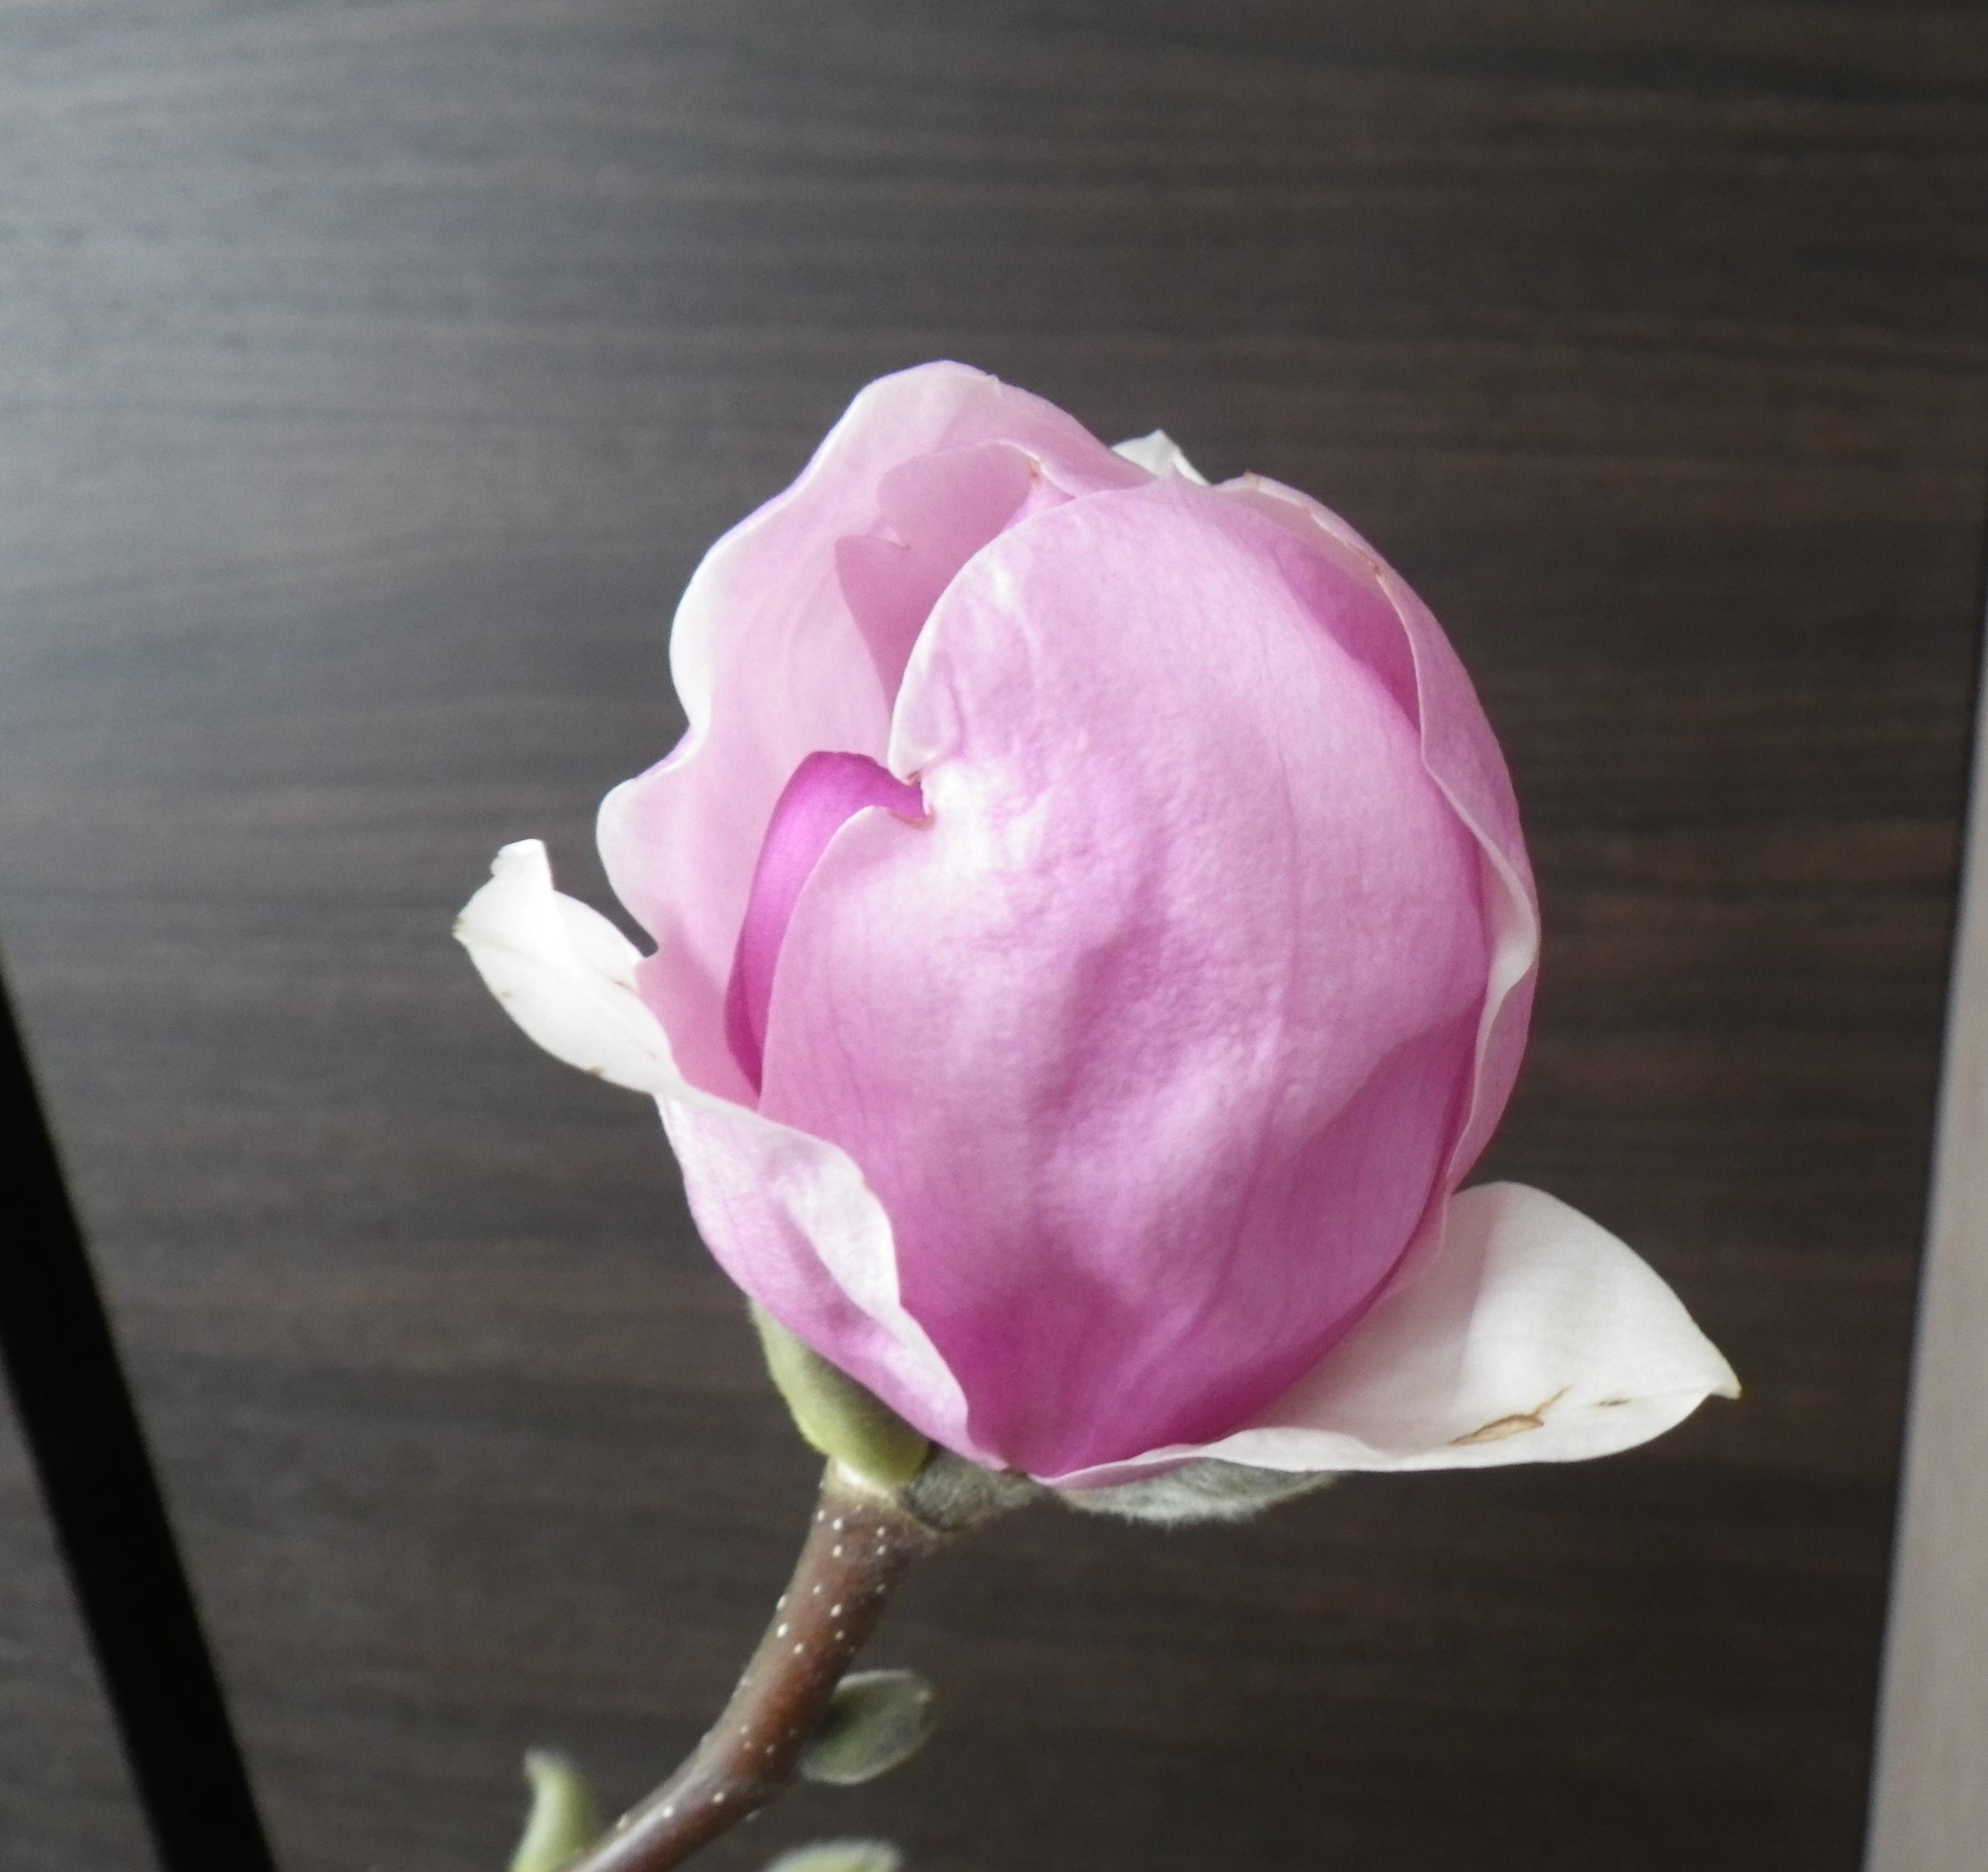 2番目に色づいたサラサモクレンの花びらが開きもうすぐ咲きそうな2月20日の画像